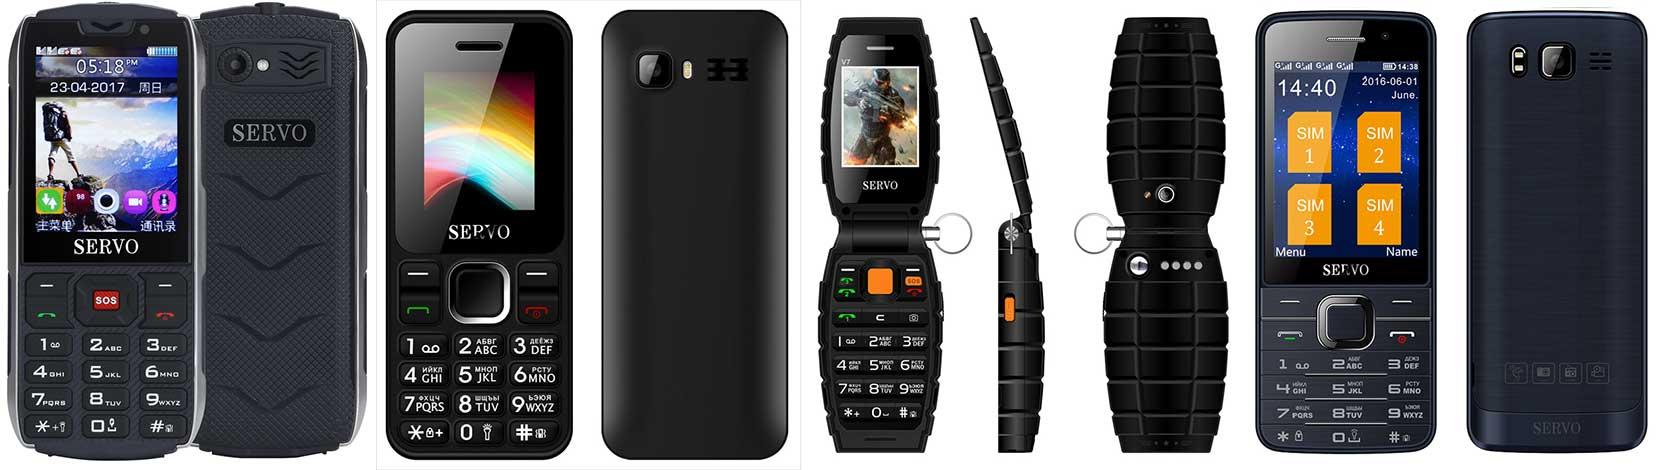 Мобильные телефоны китайского производителя Servo